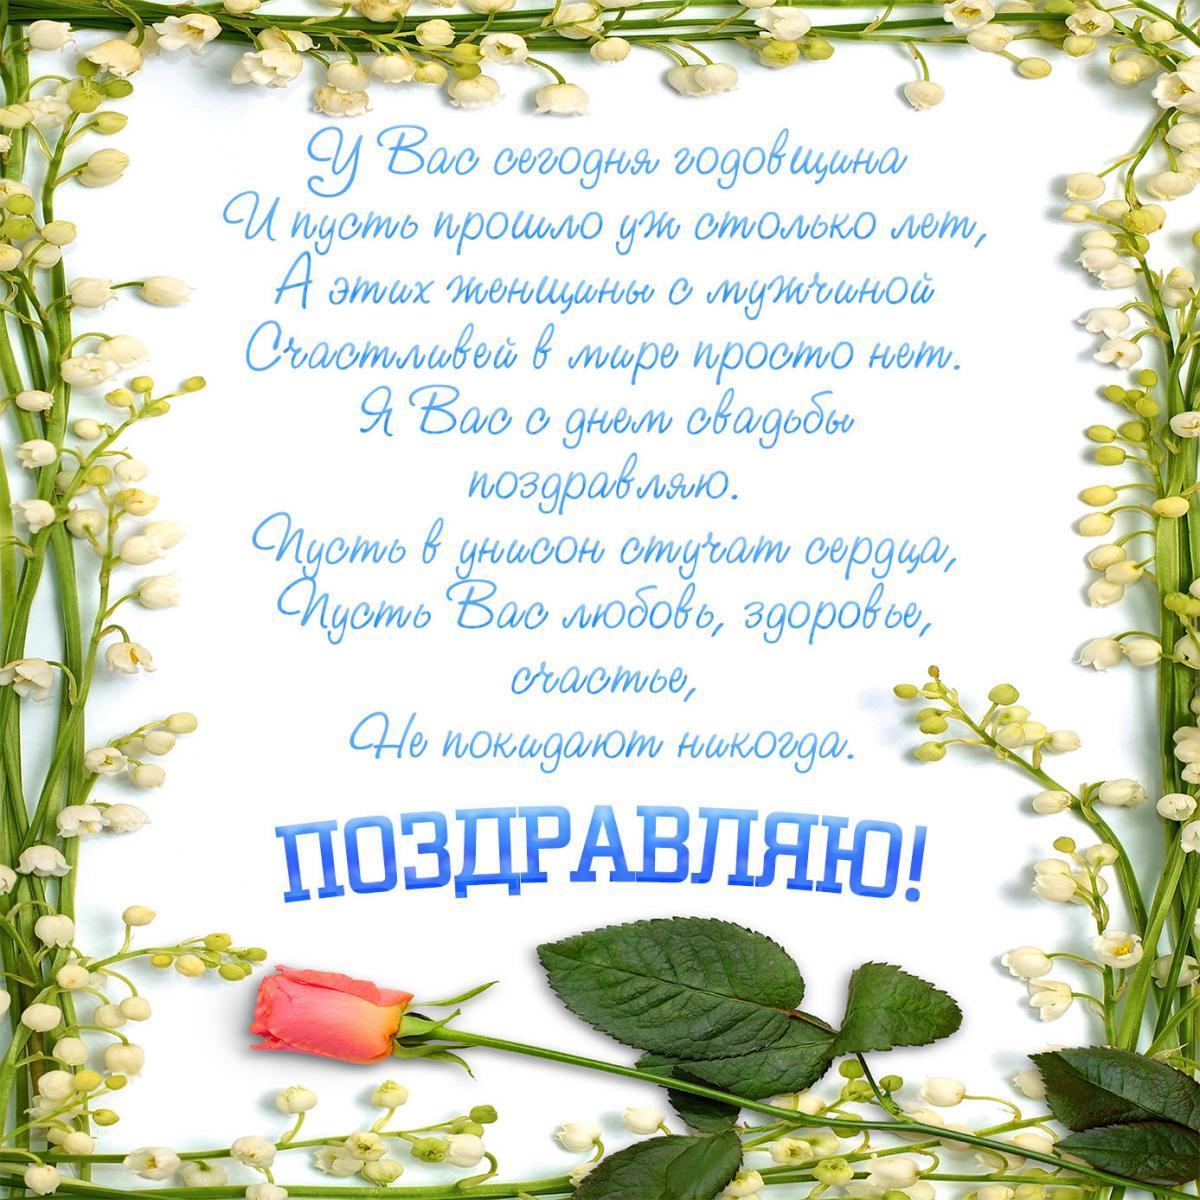 С годовщиной свадьбы поздравления / фото cardrise.ru